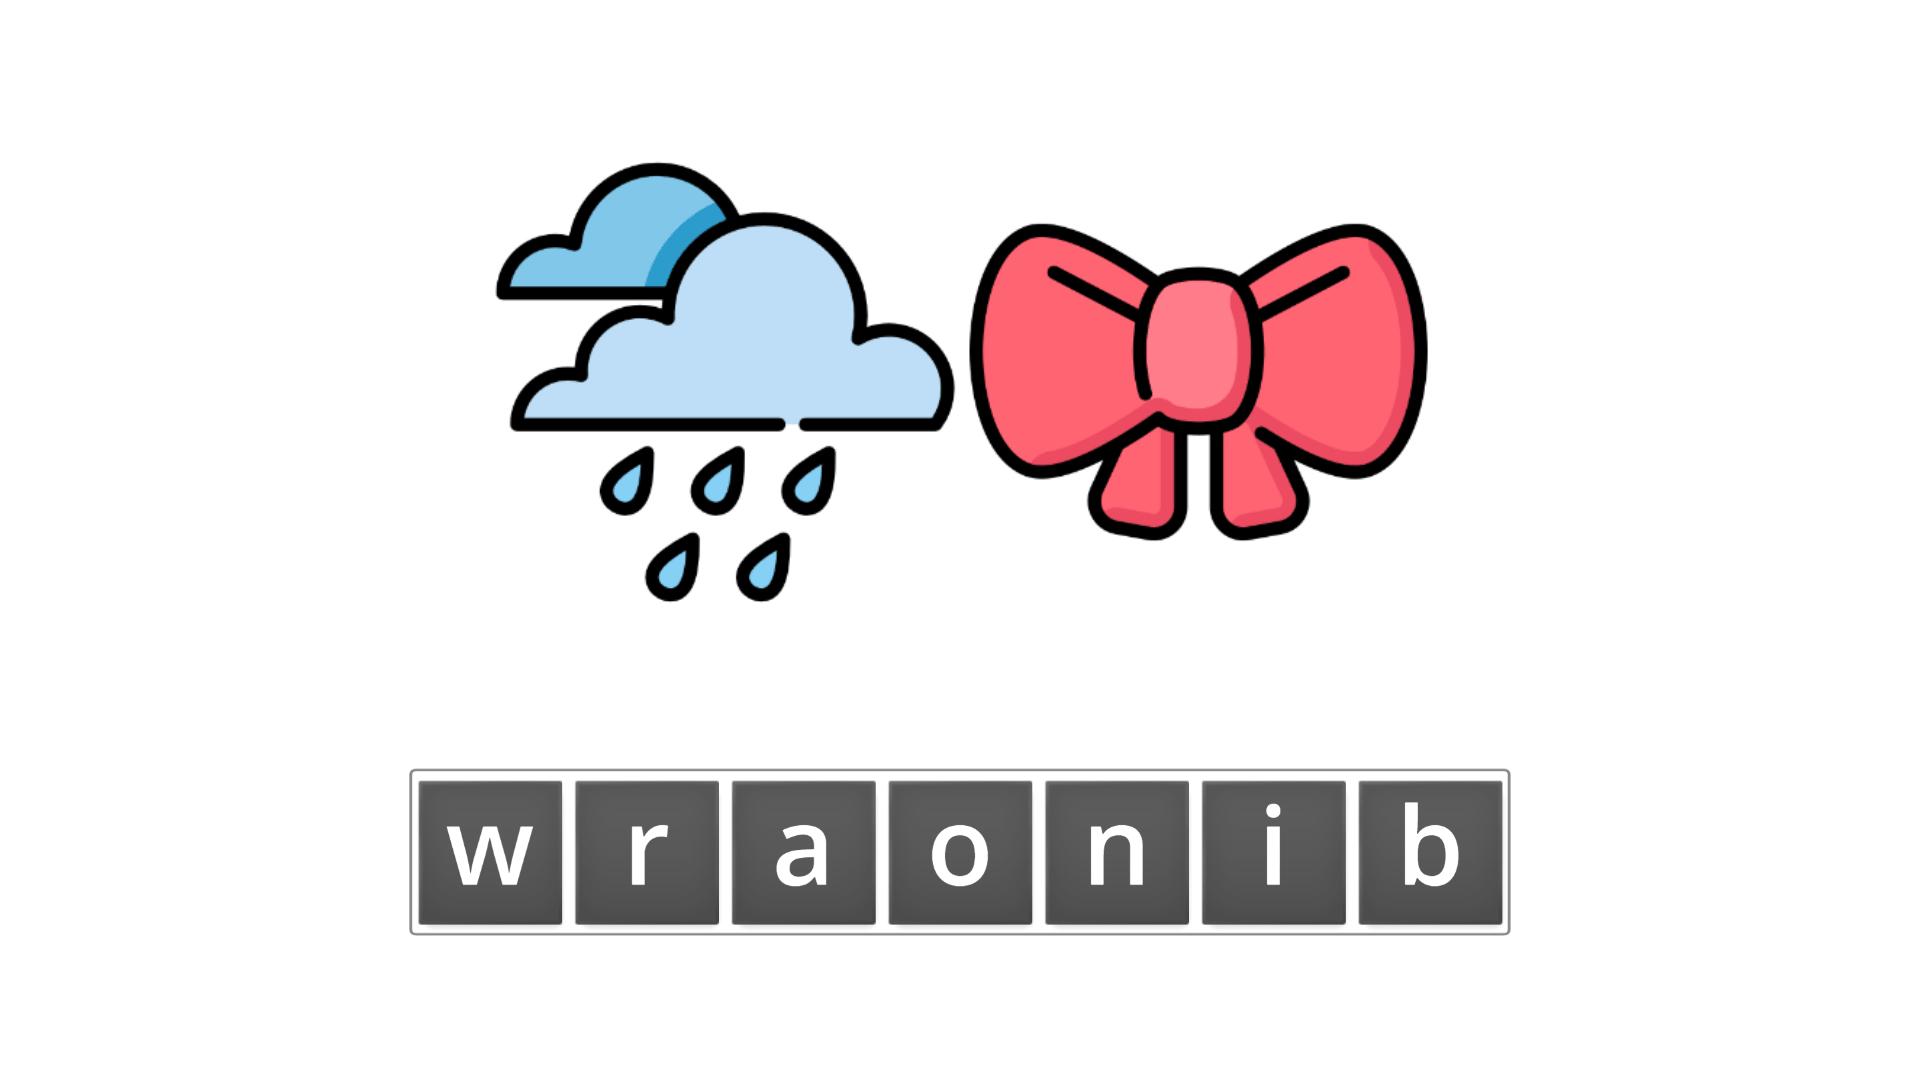 esl resources - flashcards - compound nouns  - unscramble - rainbow